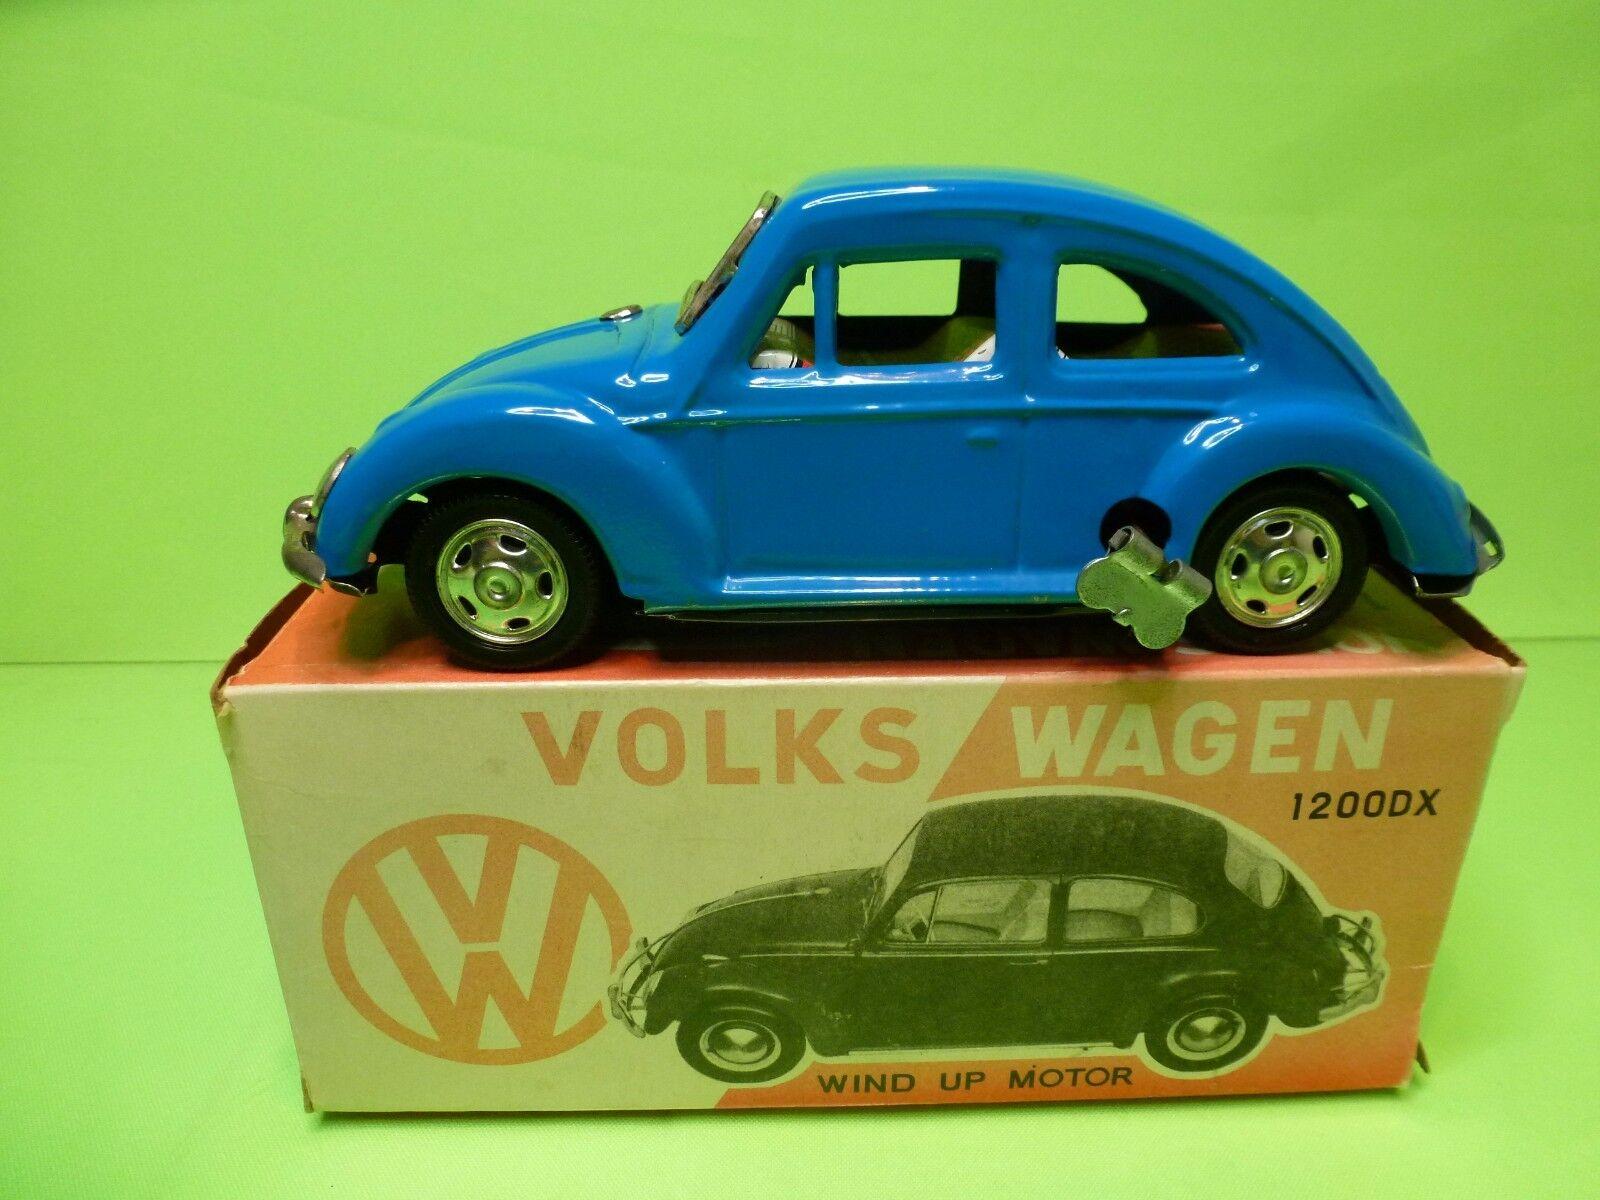 JAPAN TIN TOYS BLECH BLECH BLECH VW VOLKSWAGEN BEETLE 1200DX - blueE L18.5cm - WIND UP MOTOR 849d83